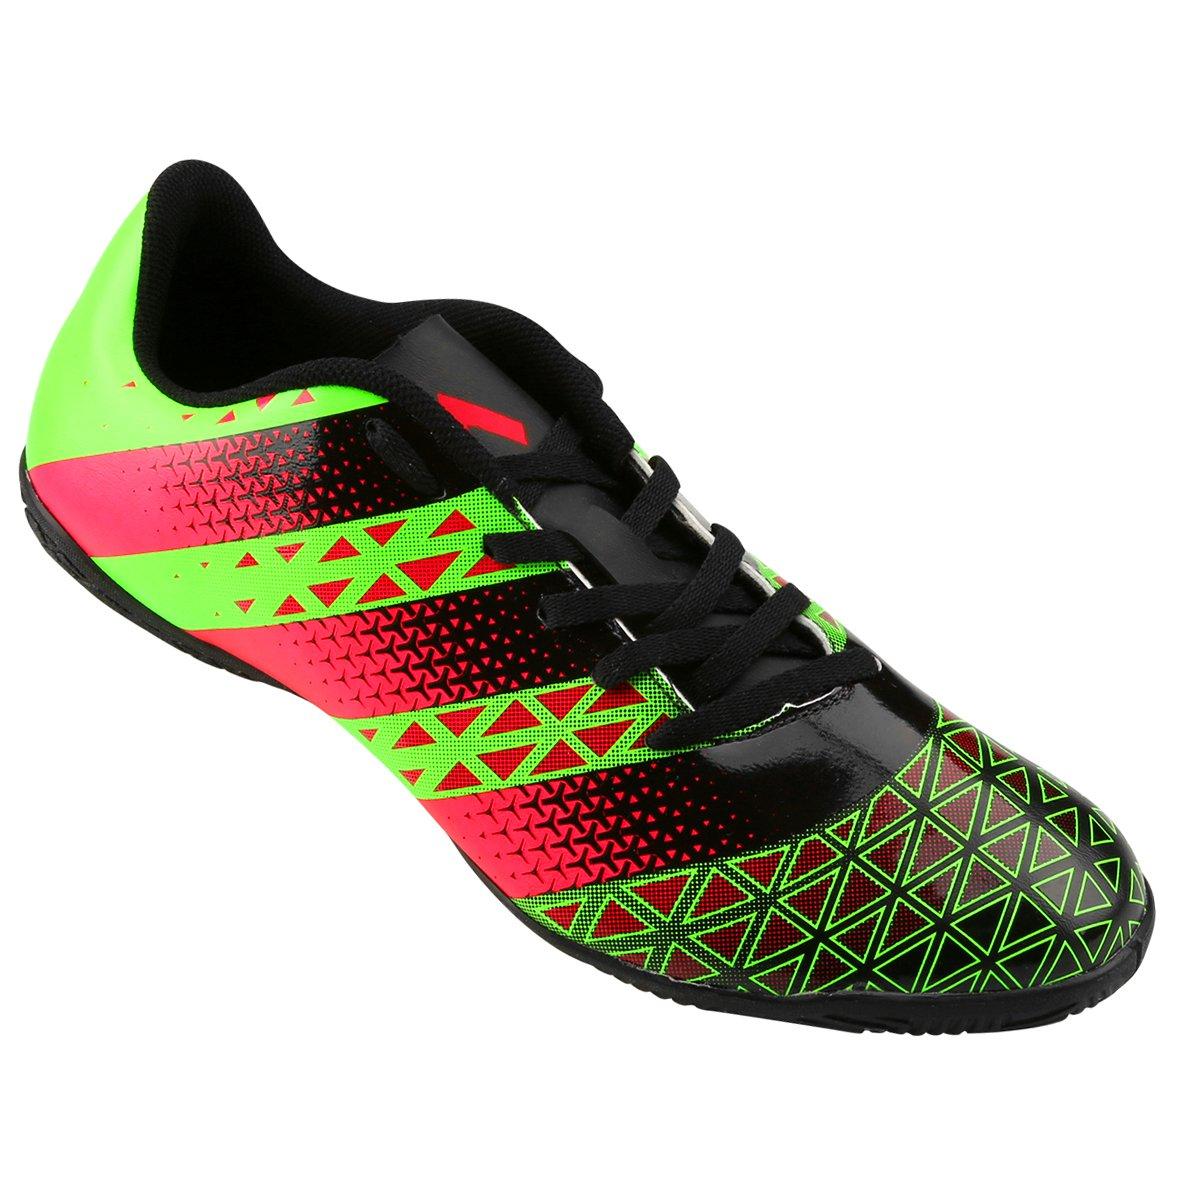 561378e794 Chuteira Futsal Adidas Artilheira IN